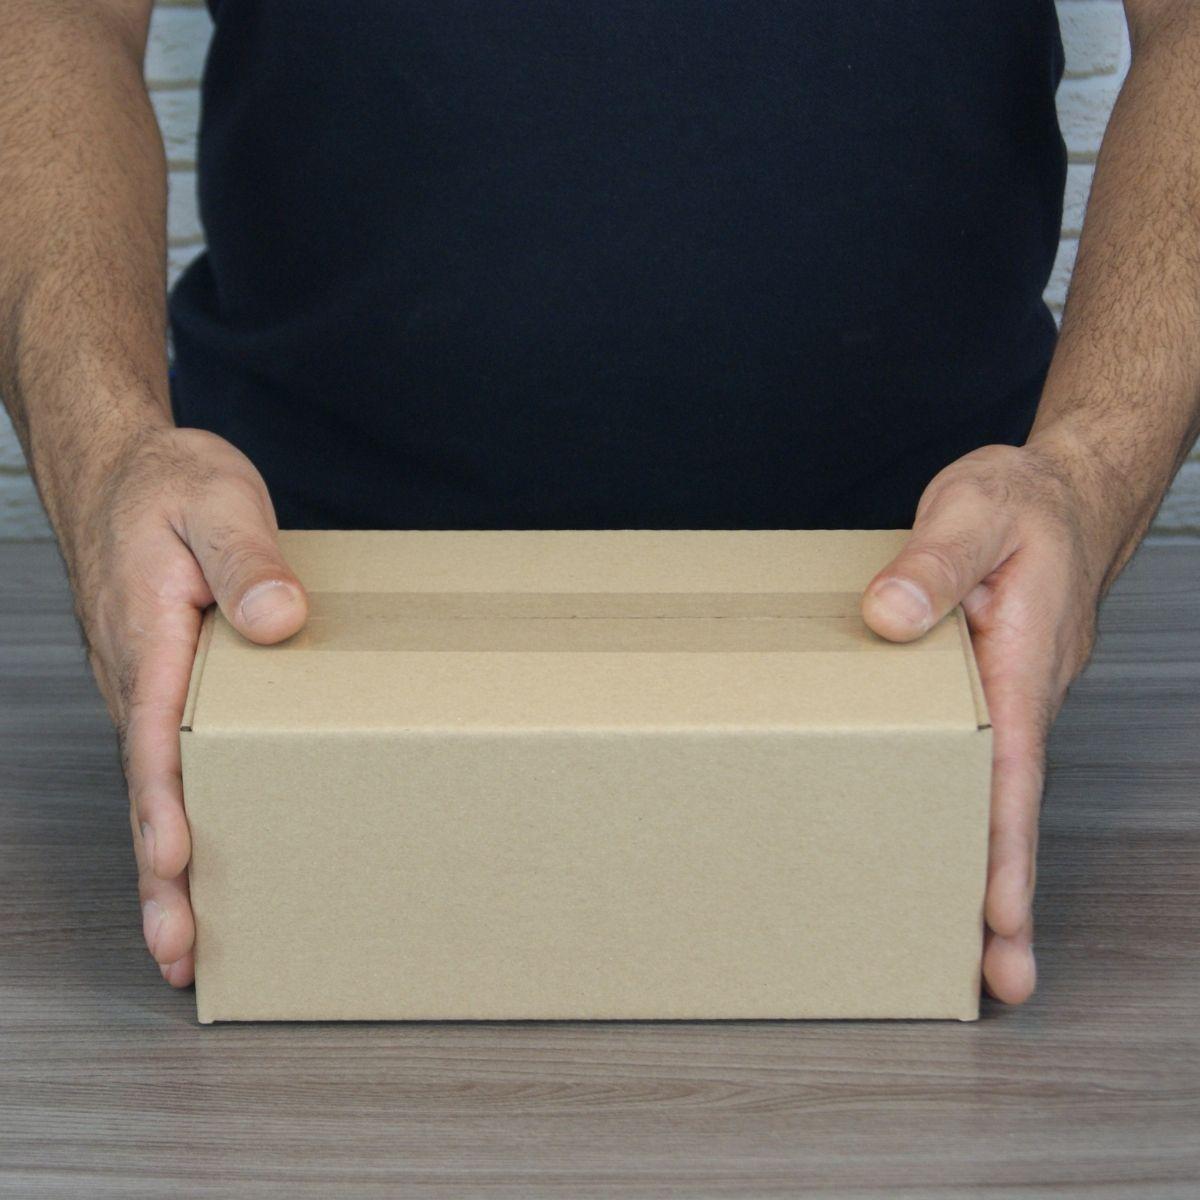 400 Caixas de Papelao (24X15X10)cm - Sedex / Pac / Correios